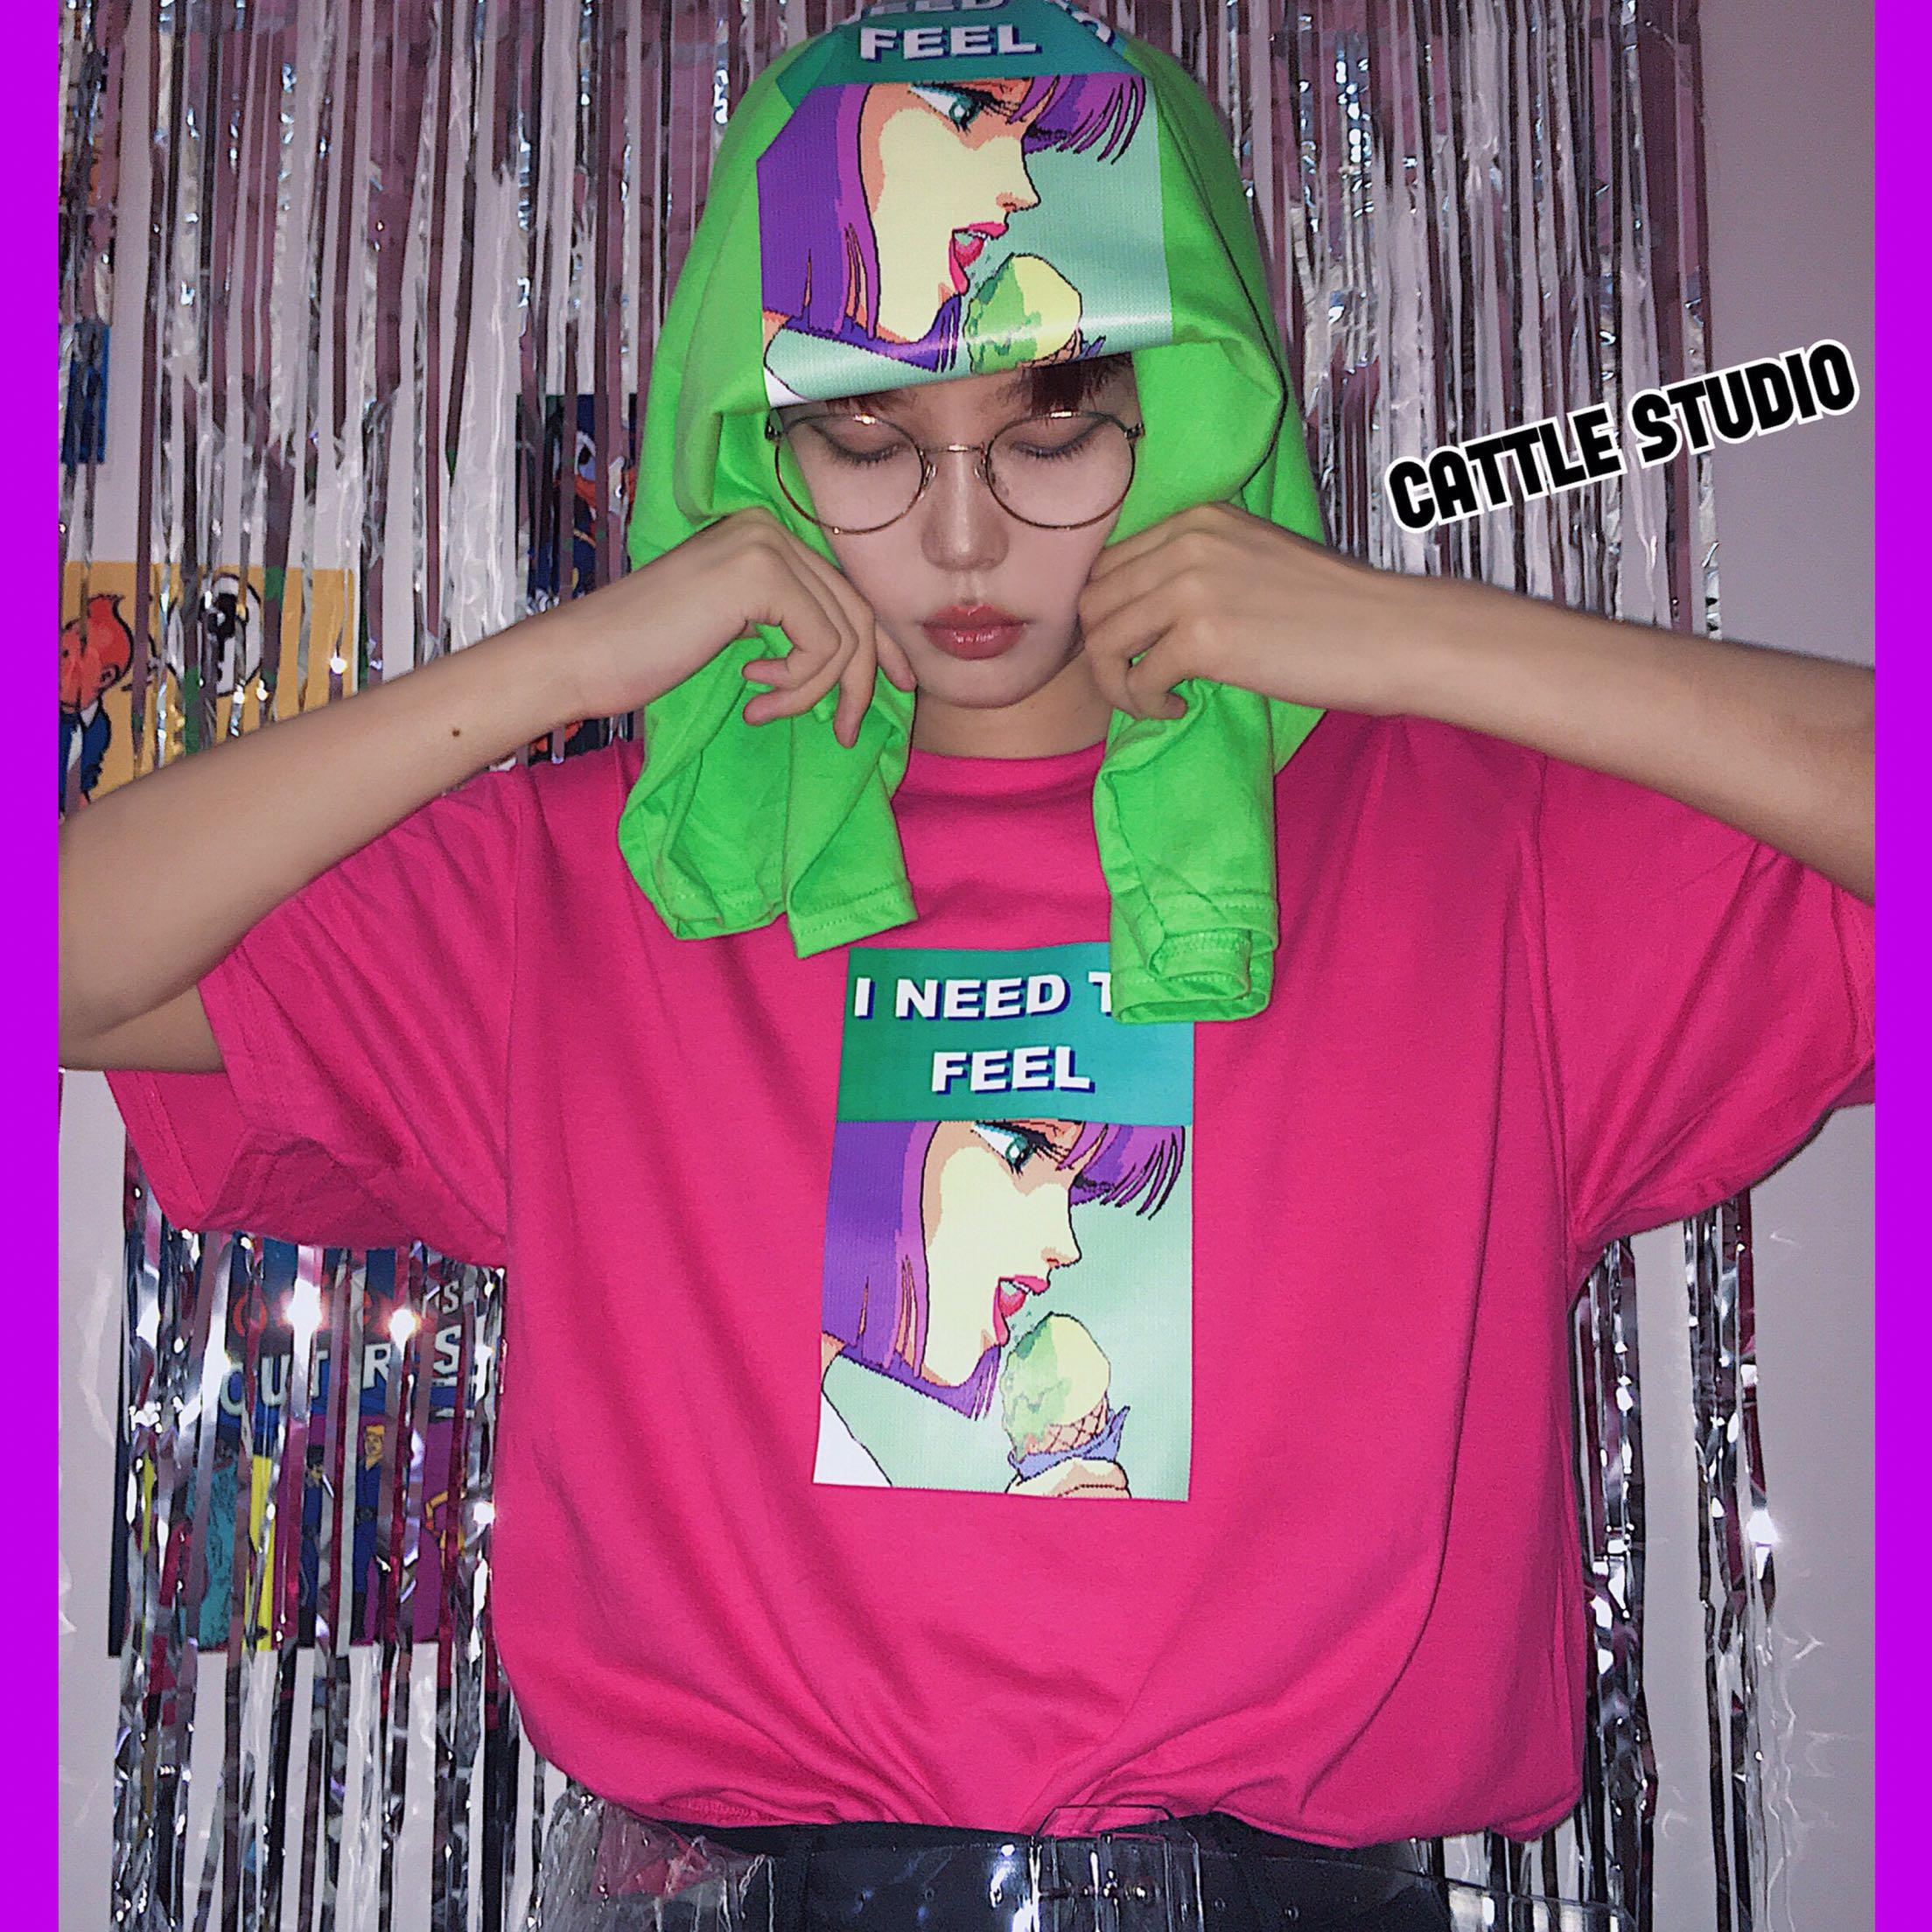 Cattle赵大牛 自制18新款 像素风 双色圆领短袖T恤 oversize 百搭